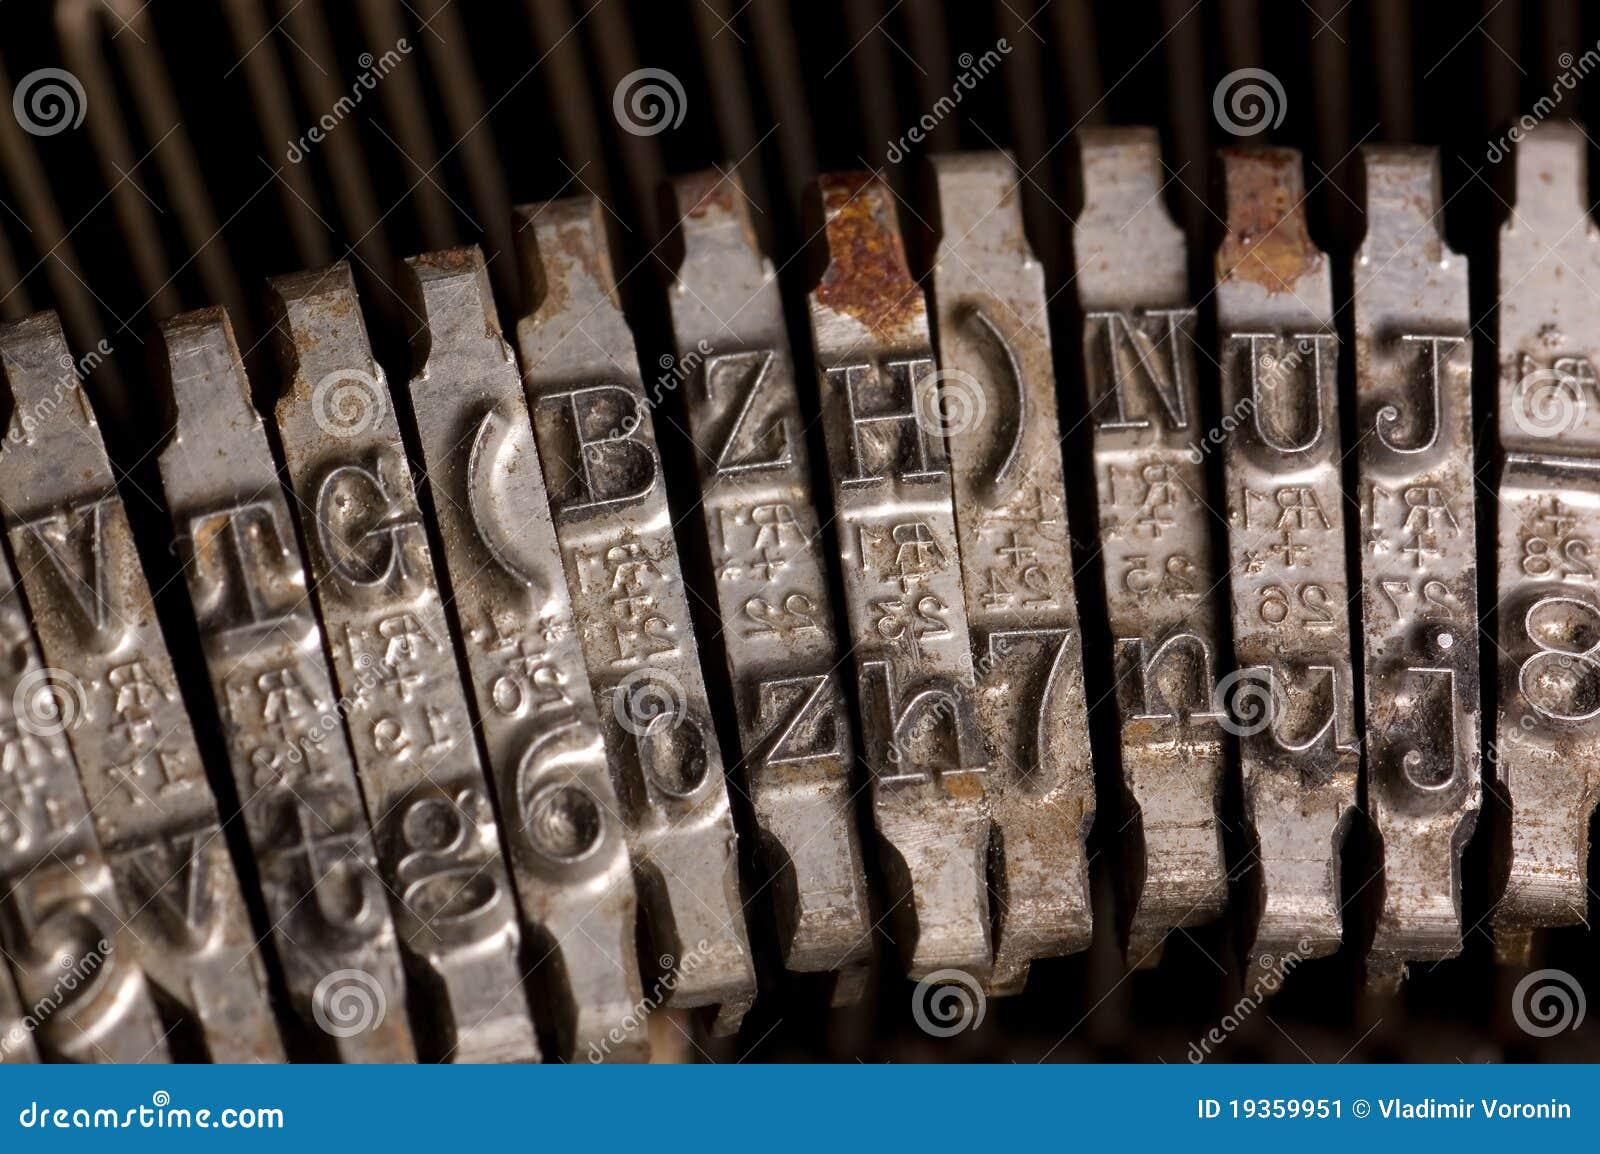 Typebar de dactilografia da letra da máquina de escrever do texto velho